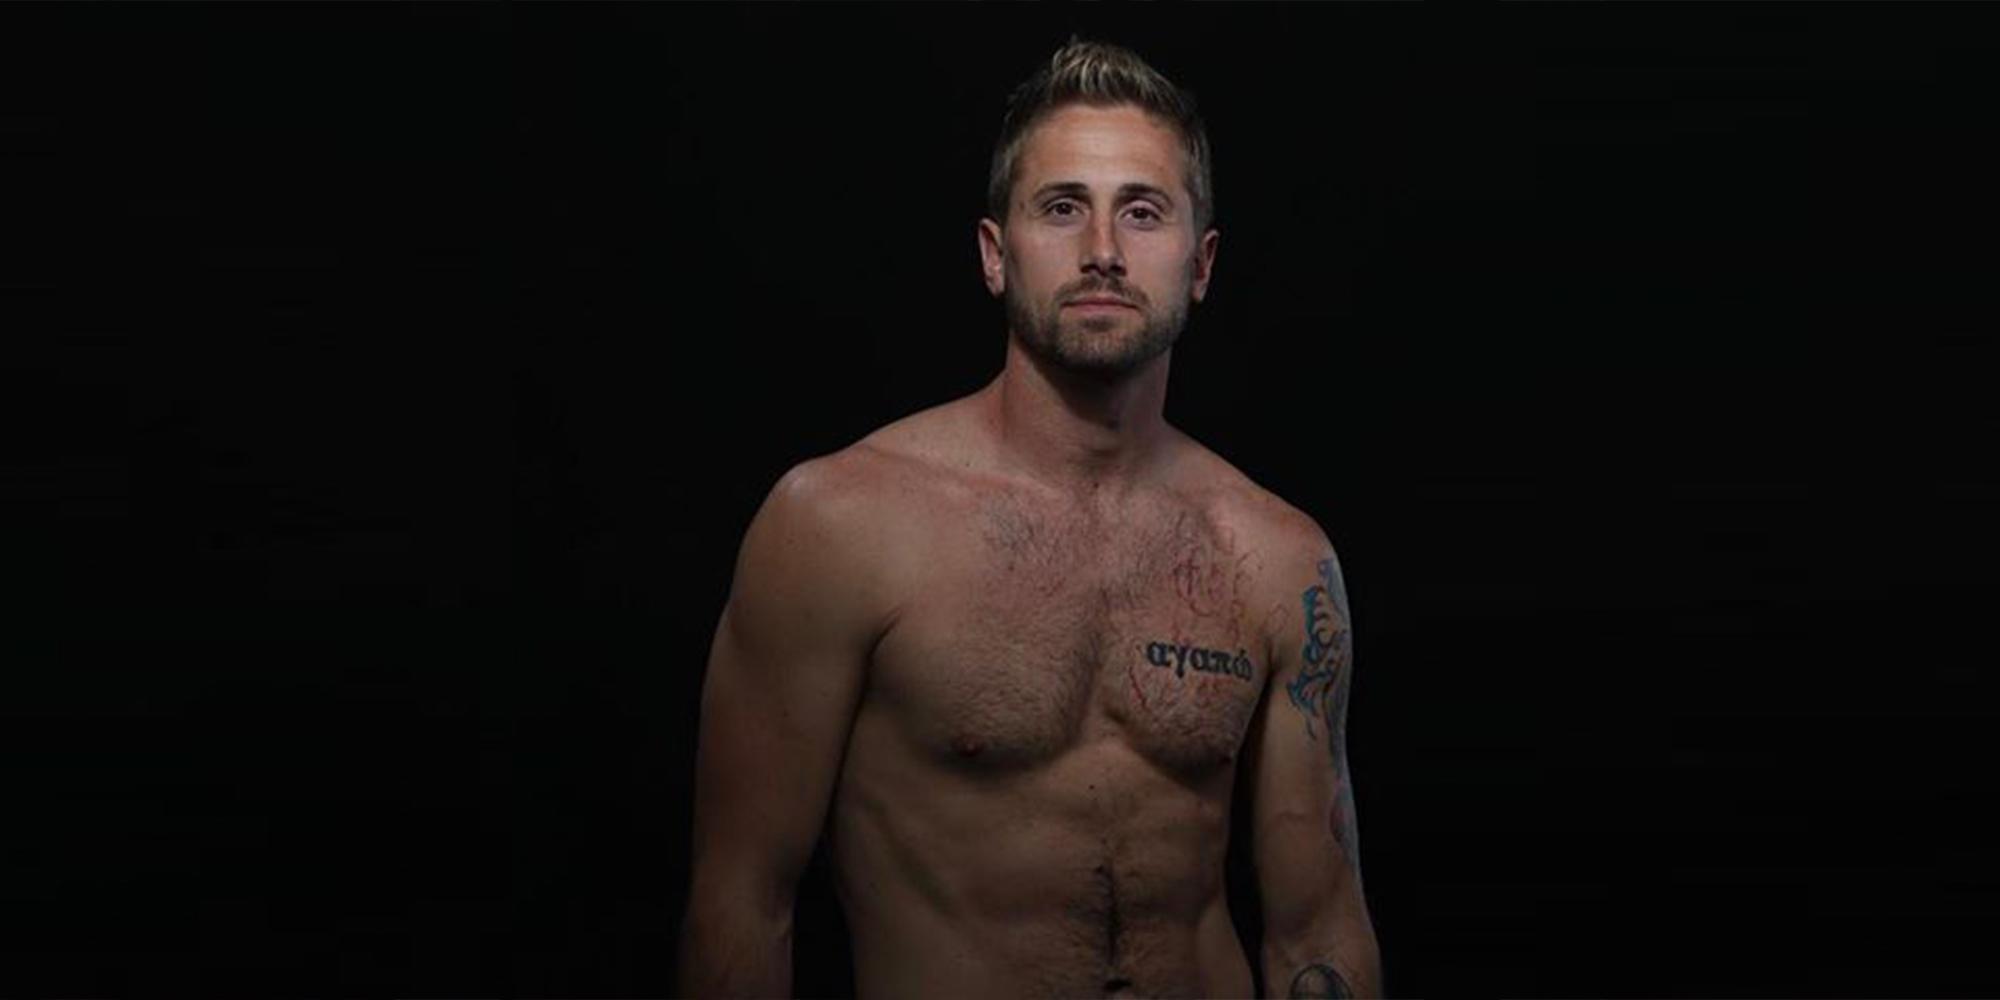 Acrores Porno Gay Que Son Heteros el actor porno gay wesley woods fue víctima de homofobia